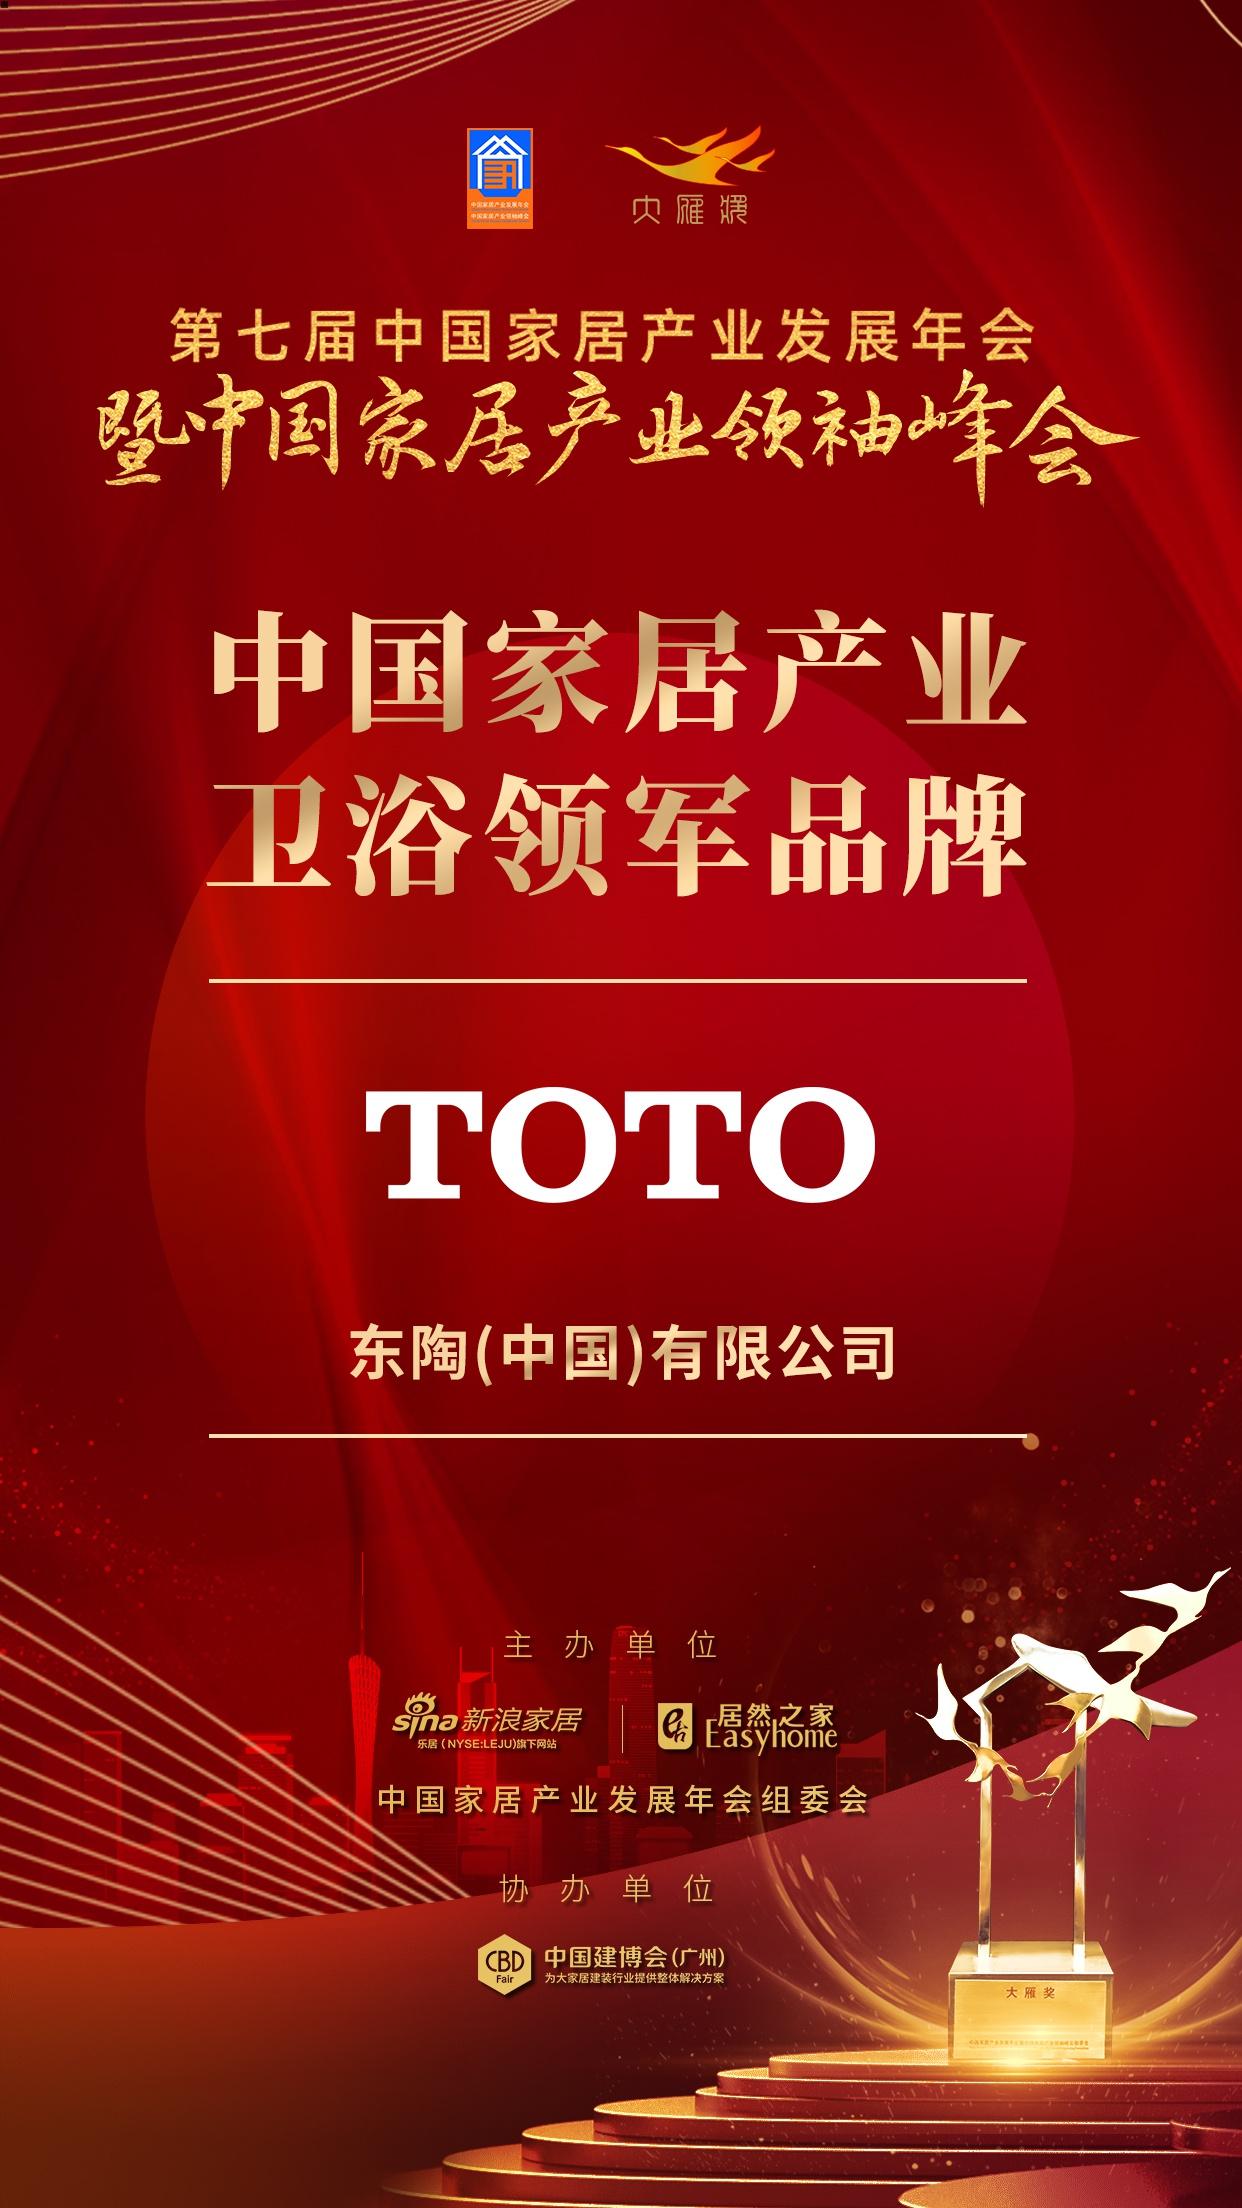 2020大雁奖揭晓:TOTO获中国家居产业卫浴领军品牌